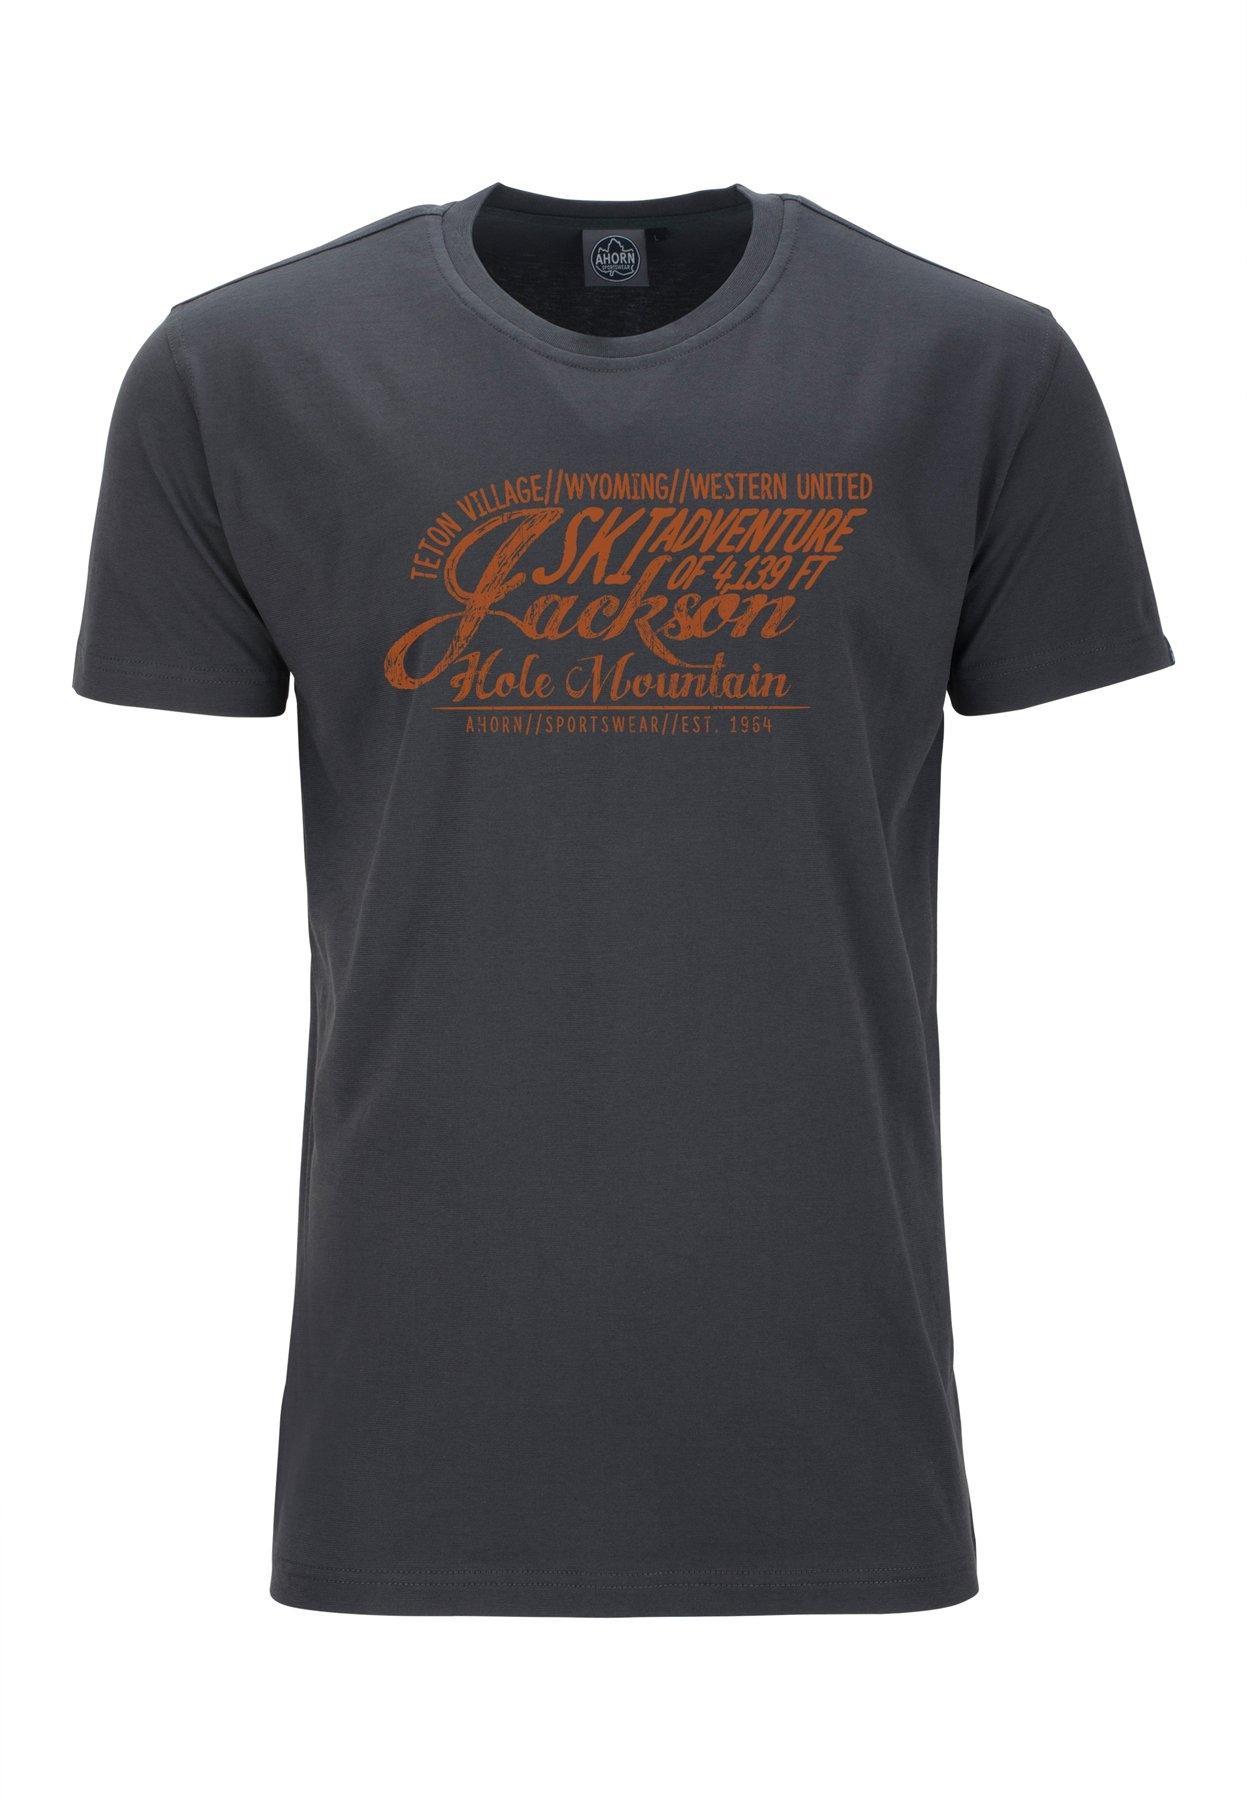 AHORN SPORTSWEAR T-shirt JACKSON ADVENTURE met modieuze print bestellen: 30 dagen bedenktijd